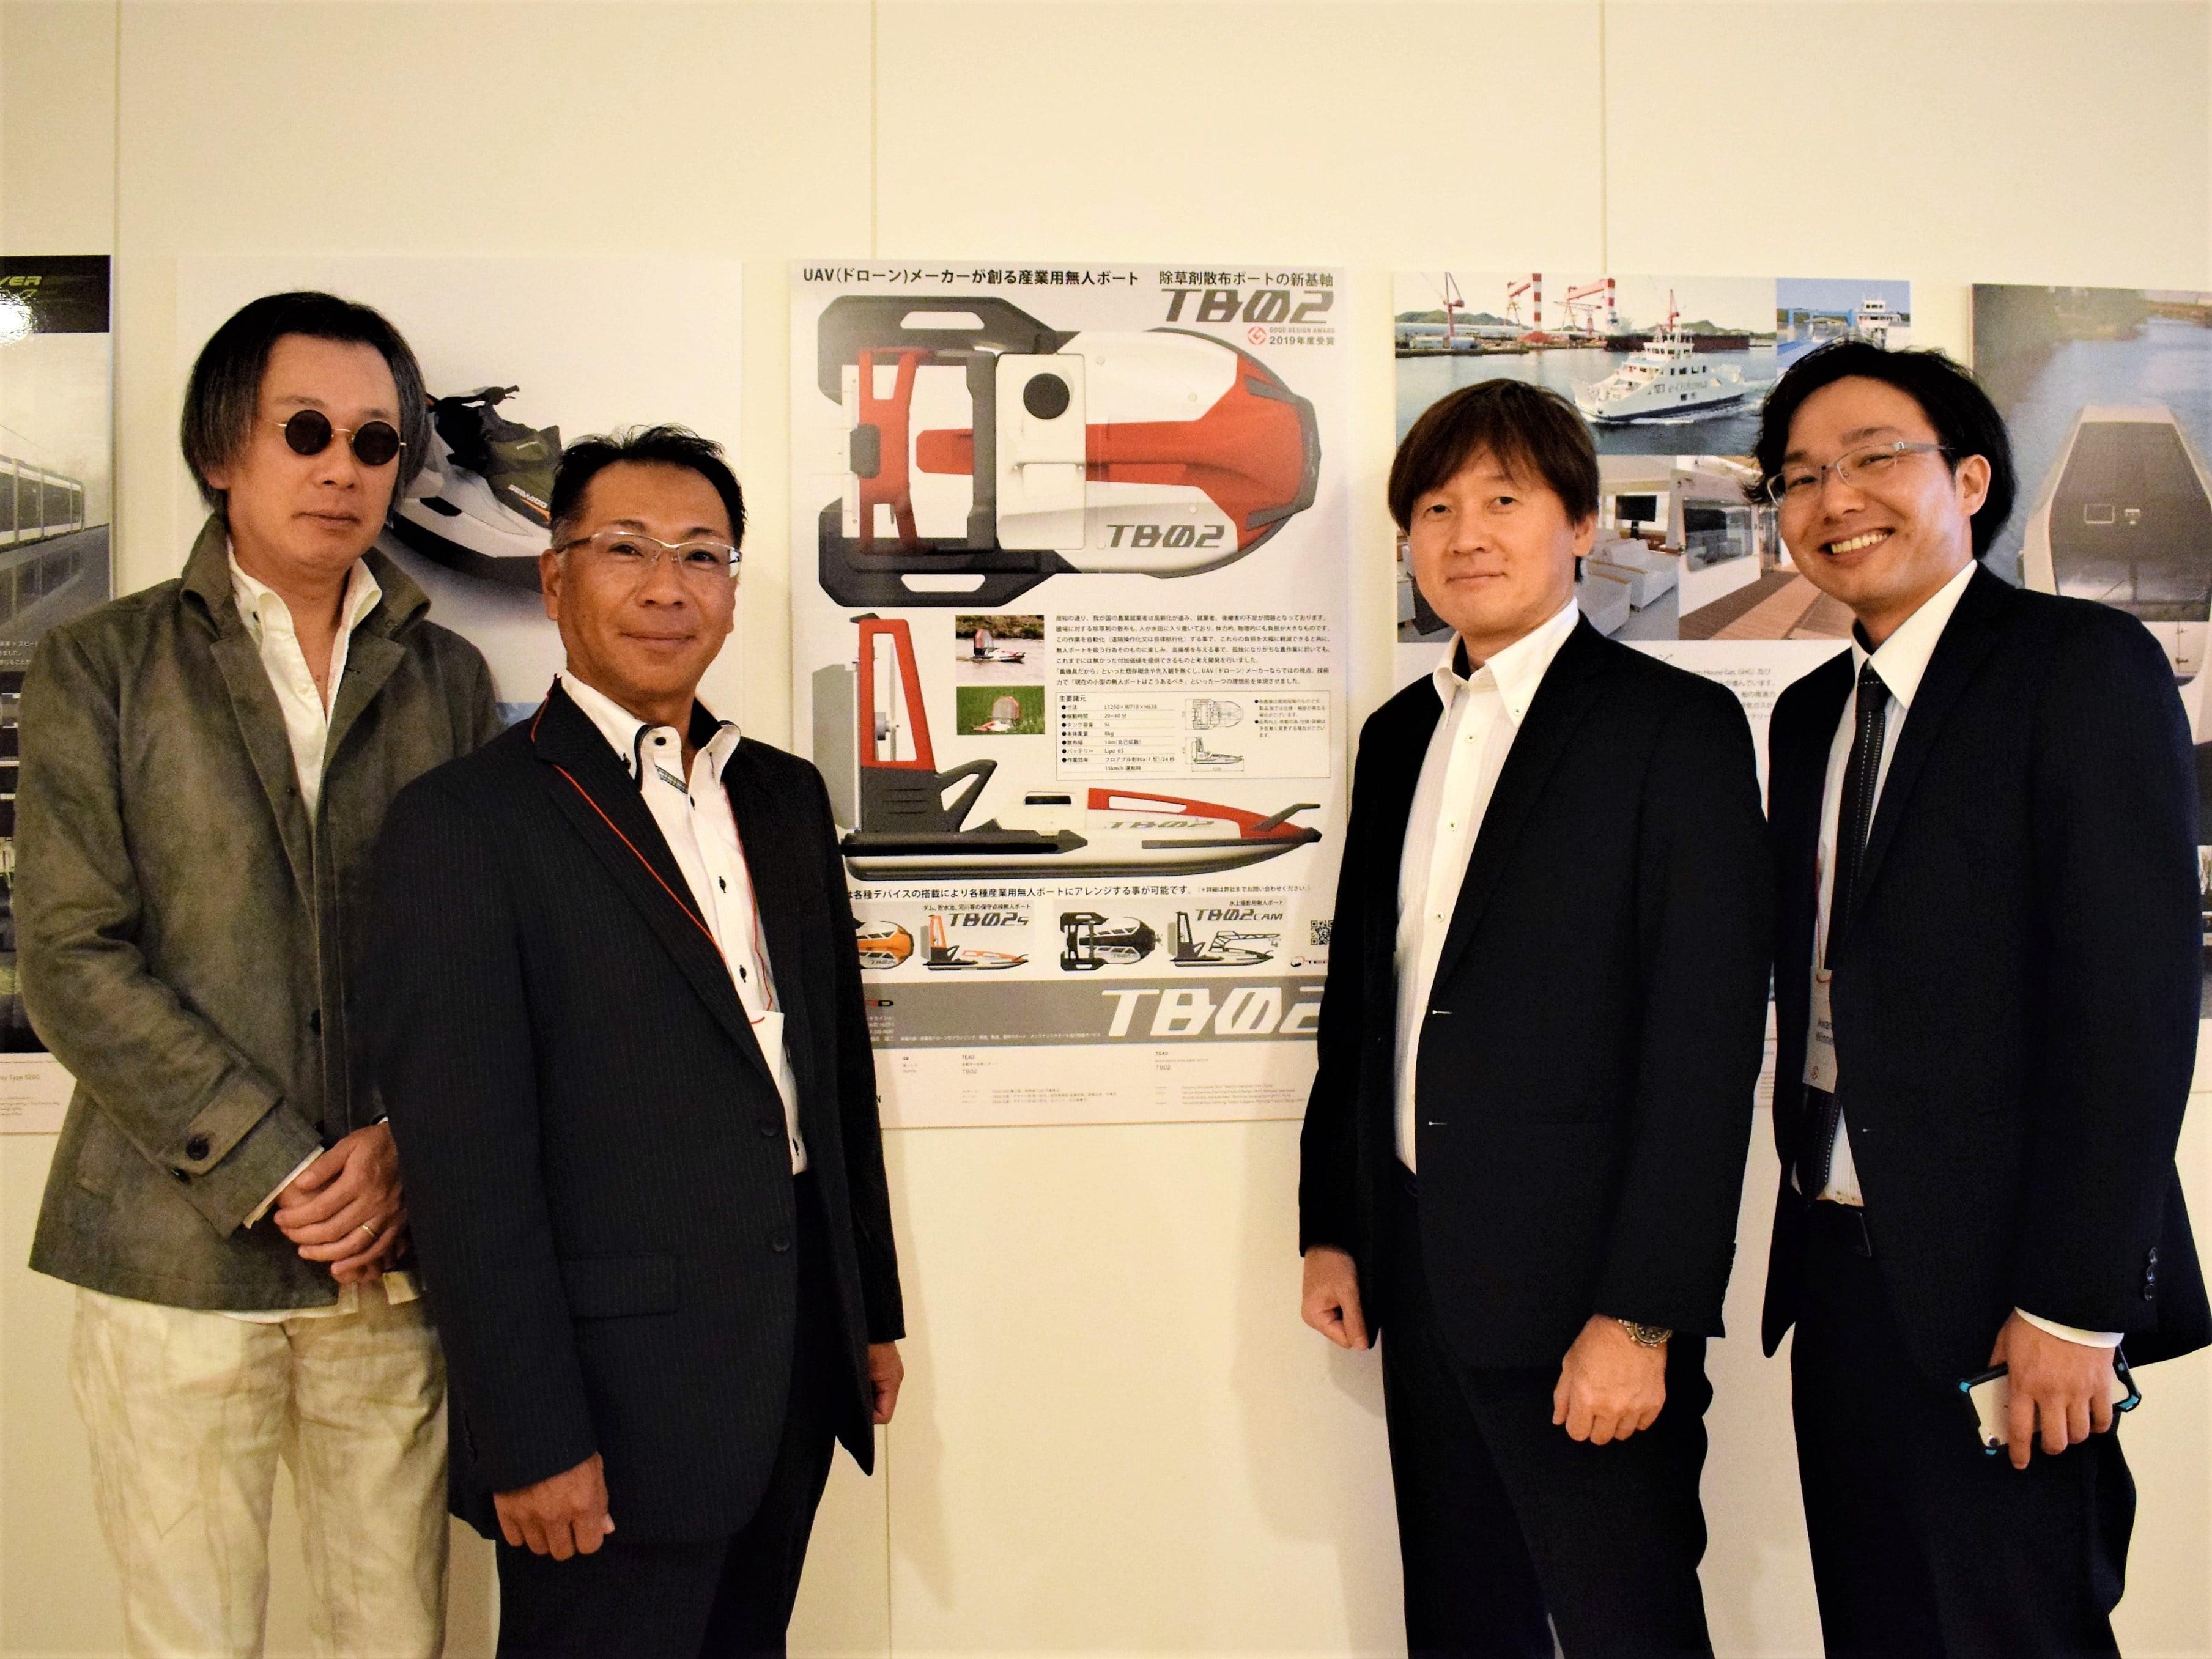 【2019年グッドデザイン賞受賞】水田での作業を効率化する小型無人ボート「TB02」